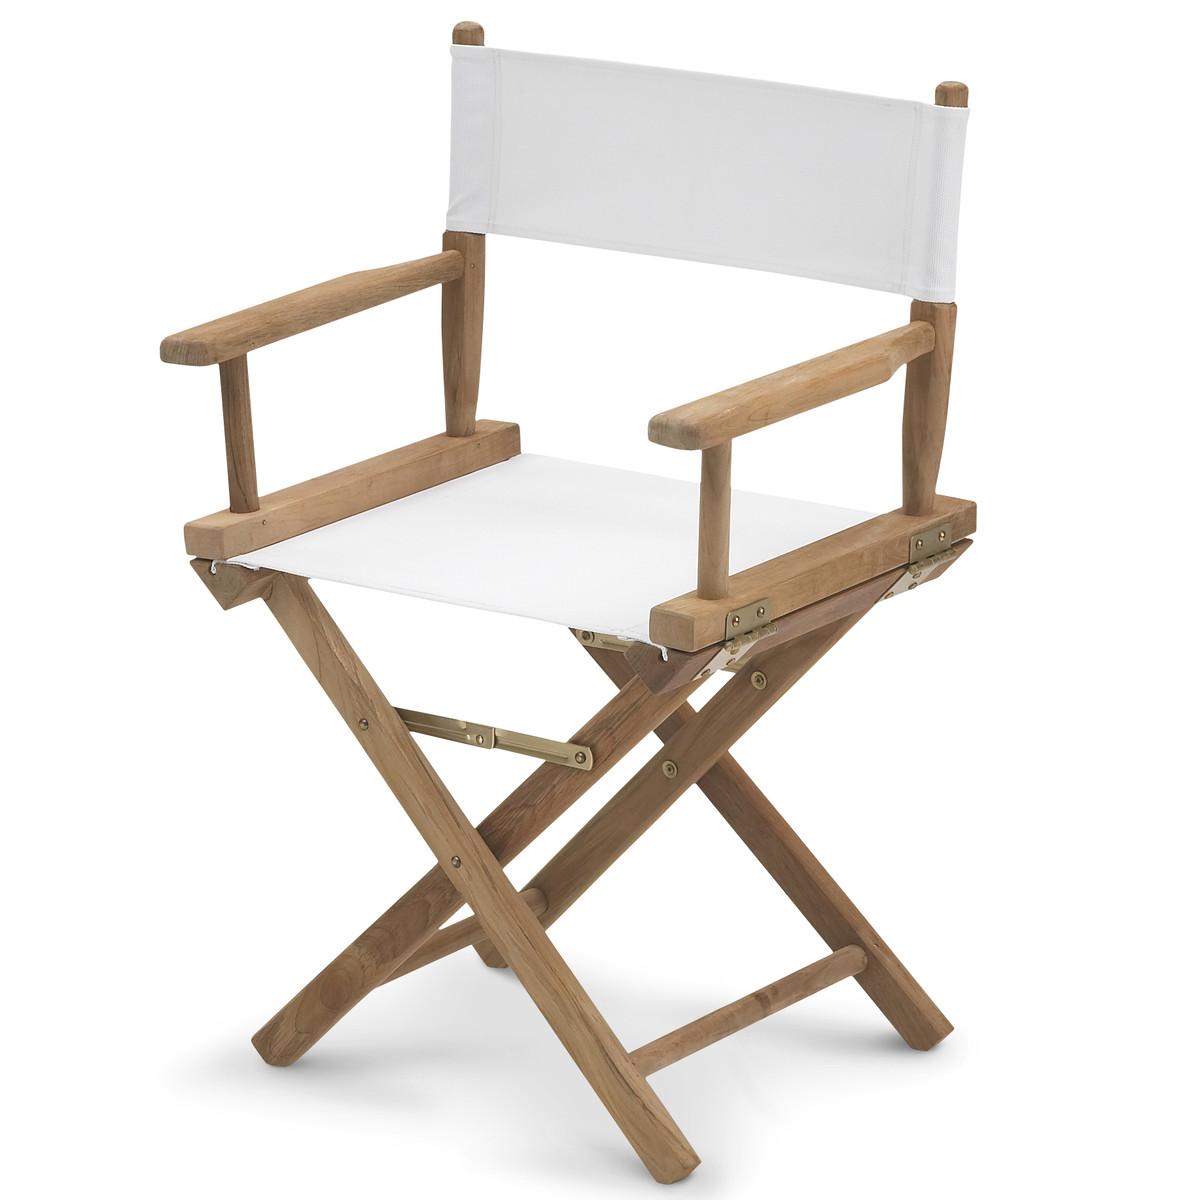 Silla director madera sillas - Sillas de director ...